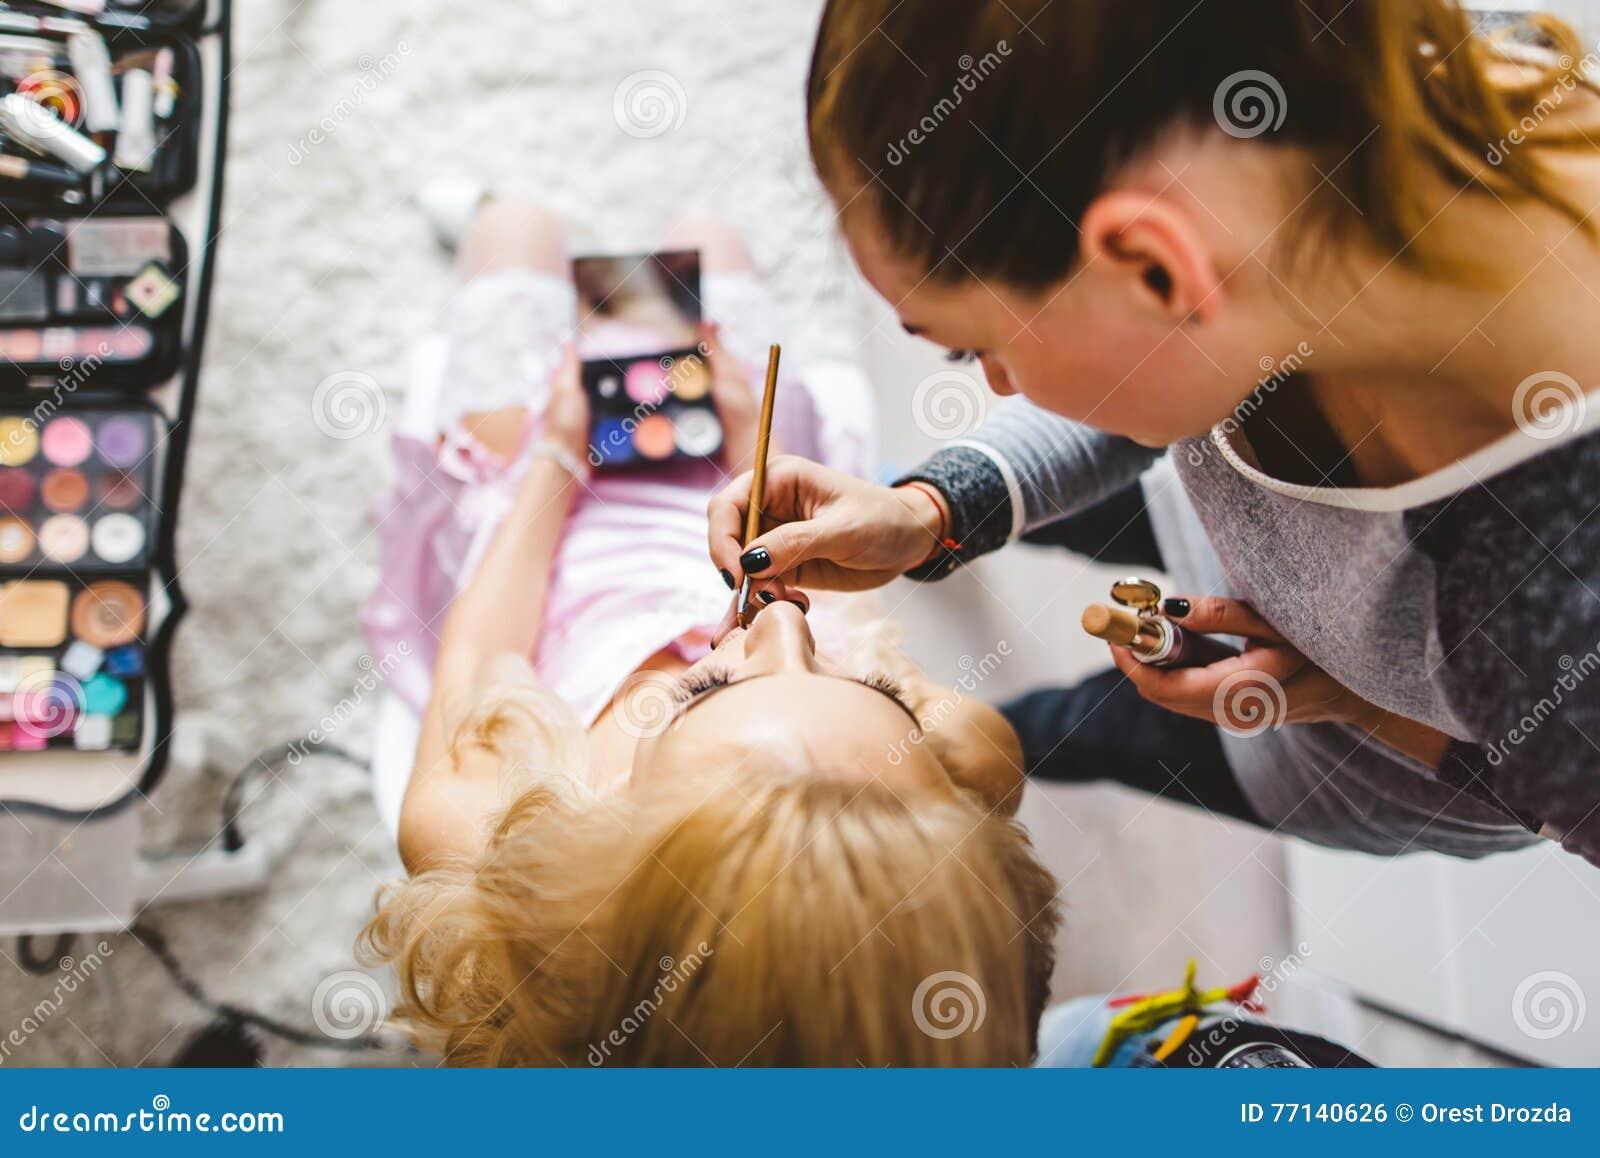 Surrealistisches Porträt Junger Dame, Die Make-up Mit Spiegel Machen ...